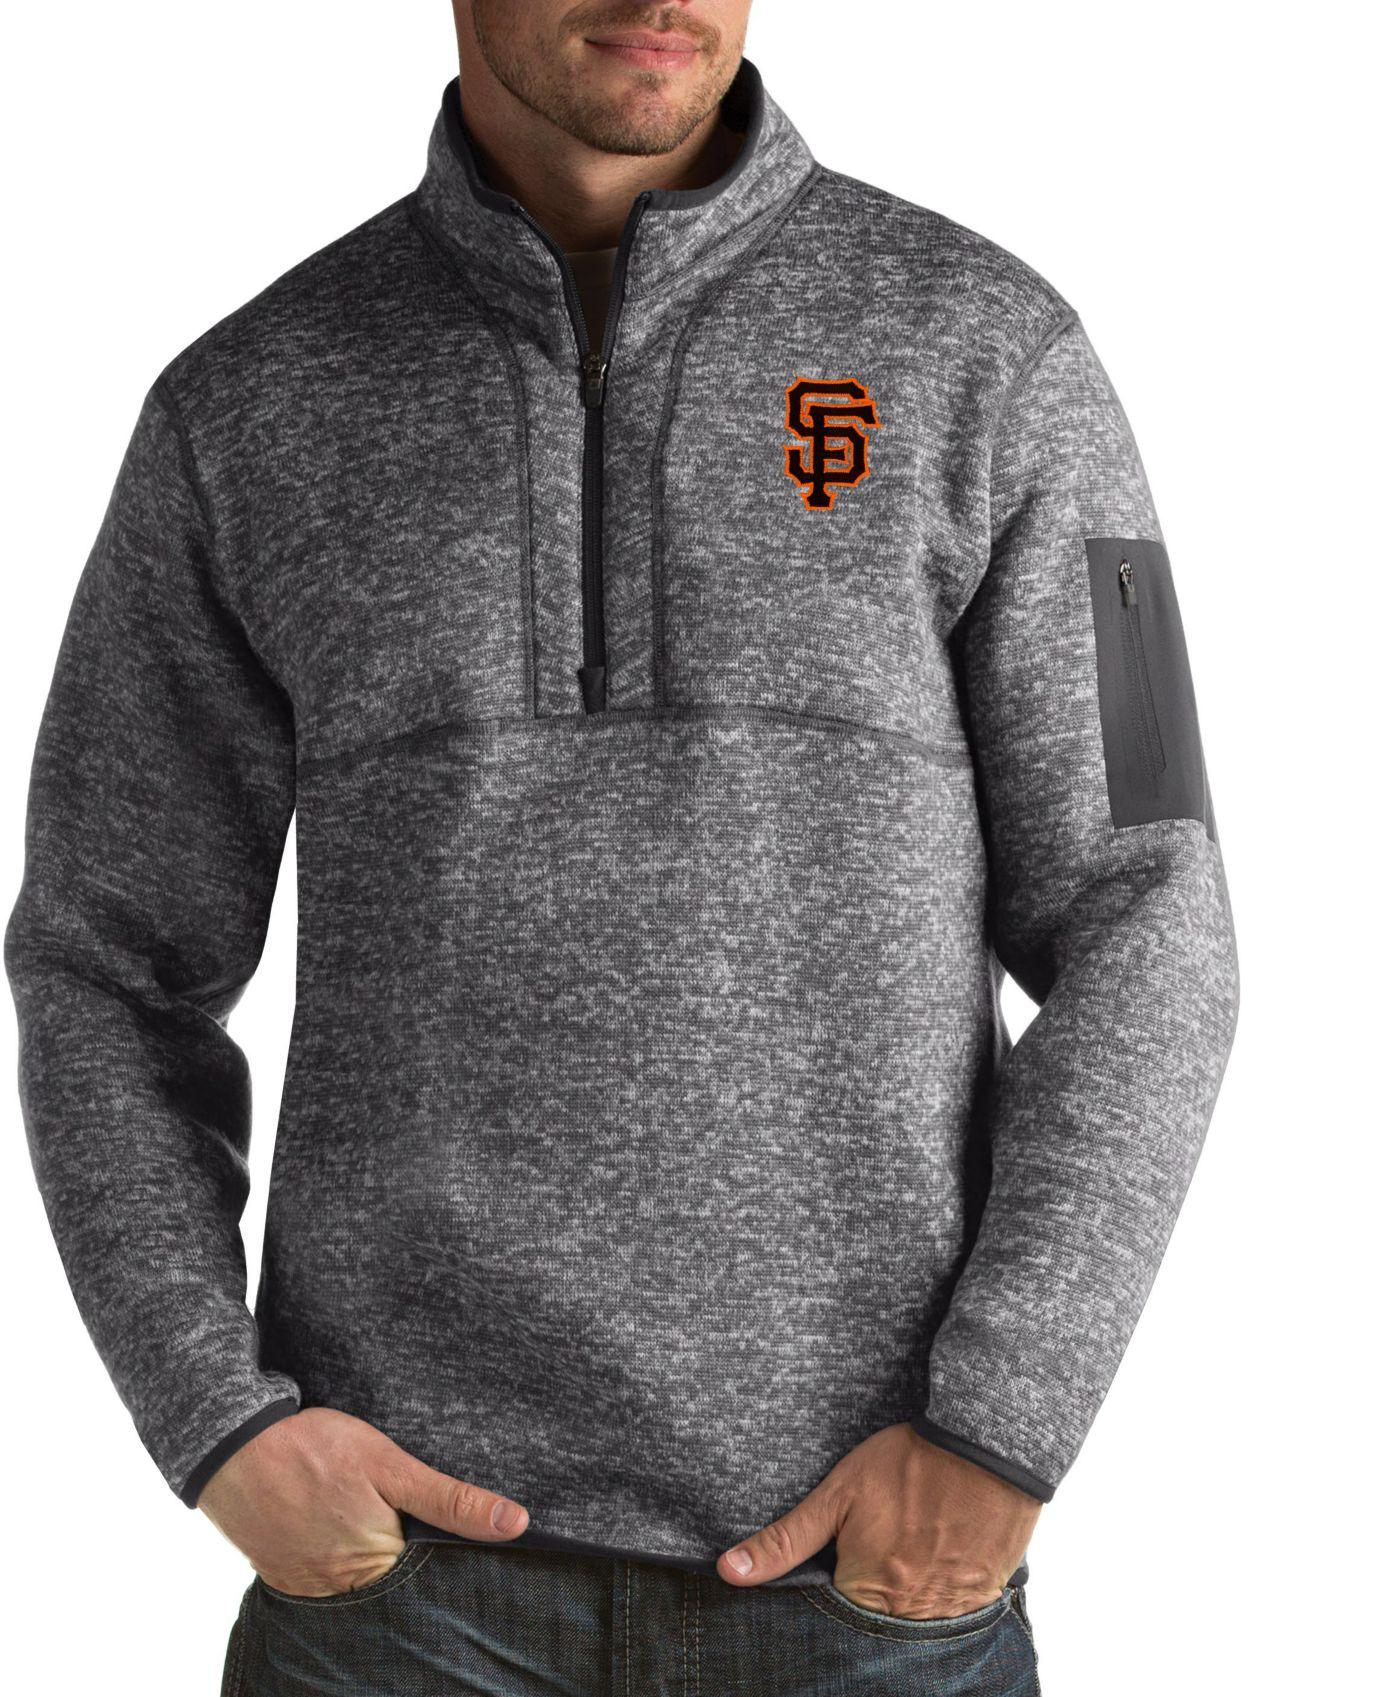 Antigua Men's San Francisco Giants Fortune Grey Half-Zip Pullover